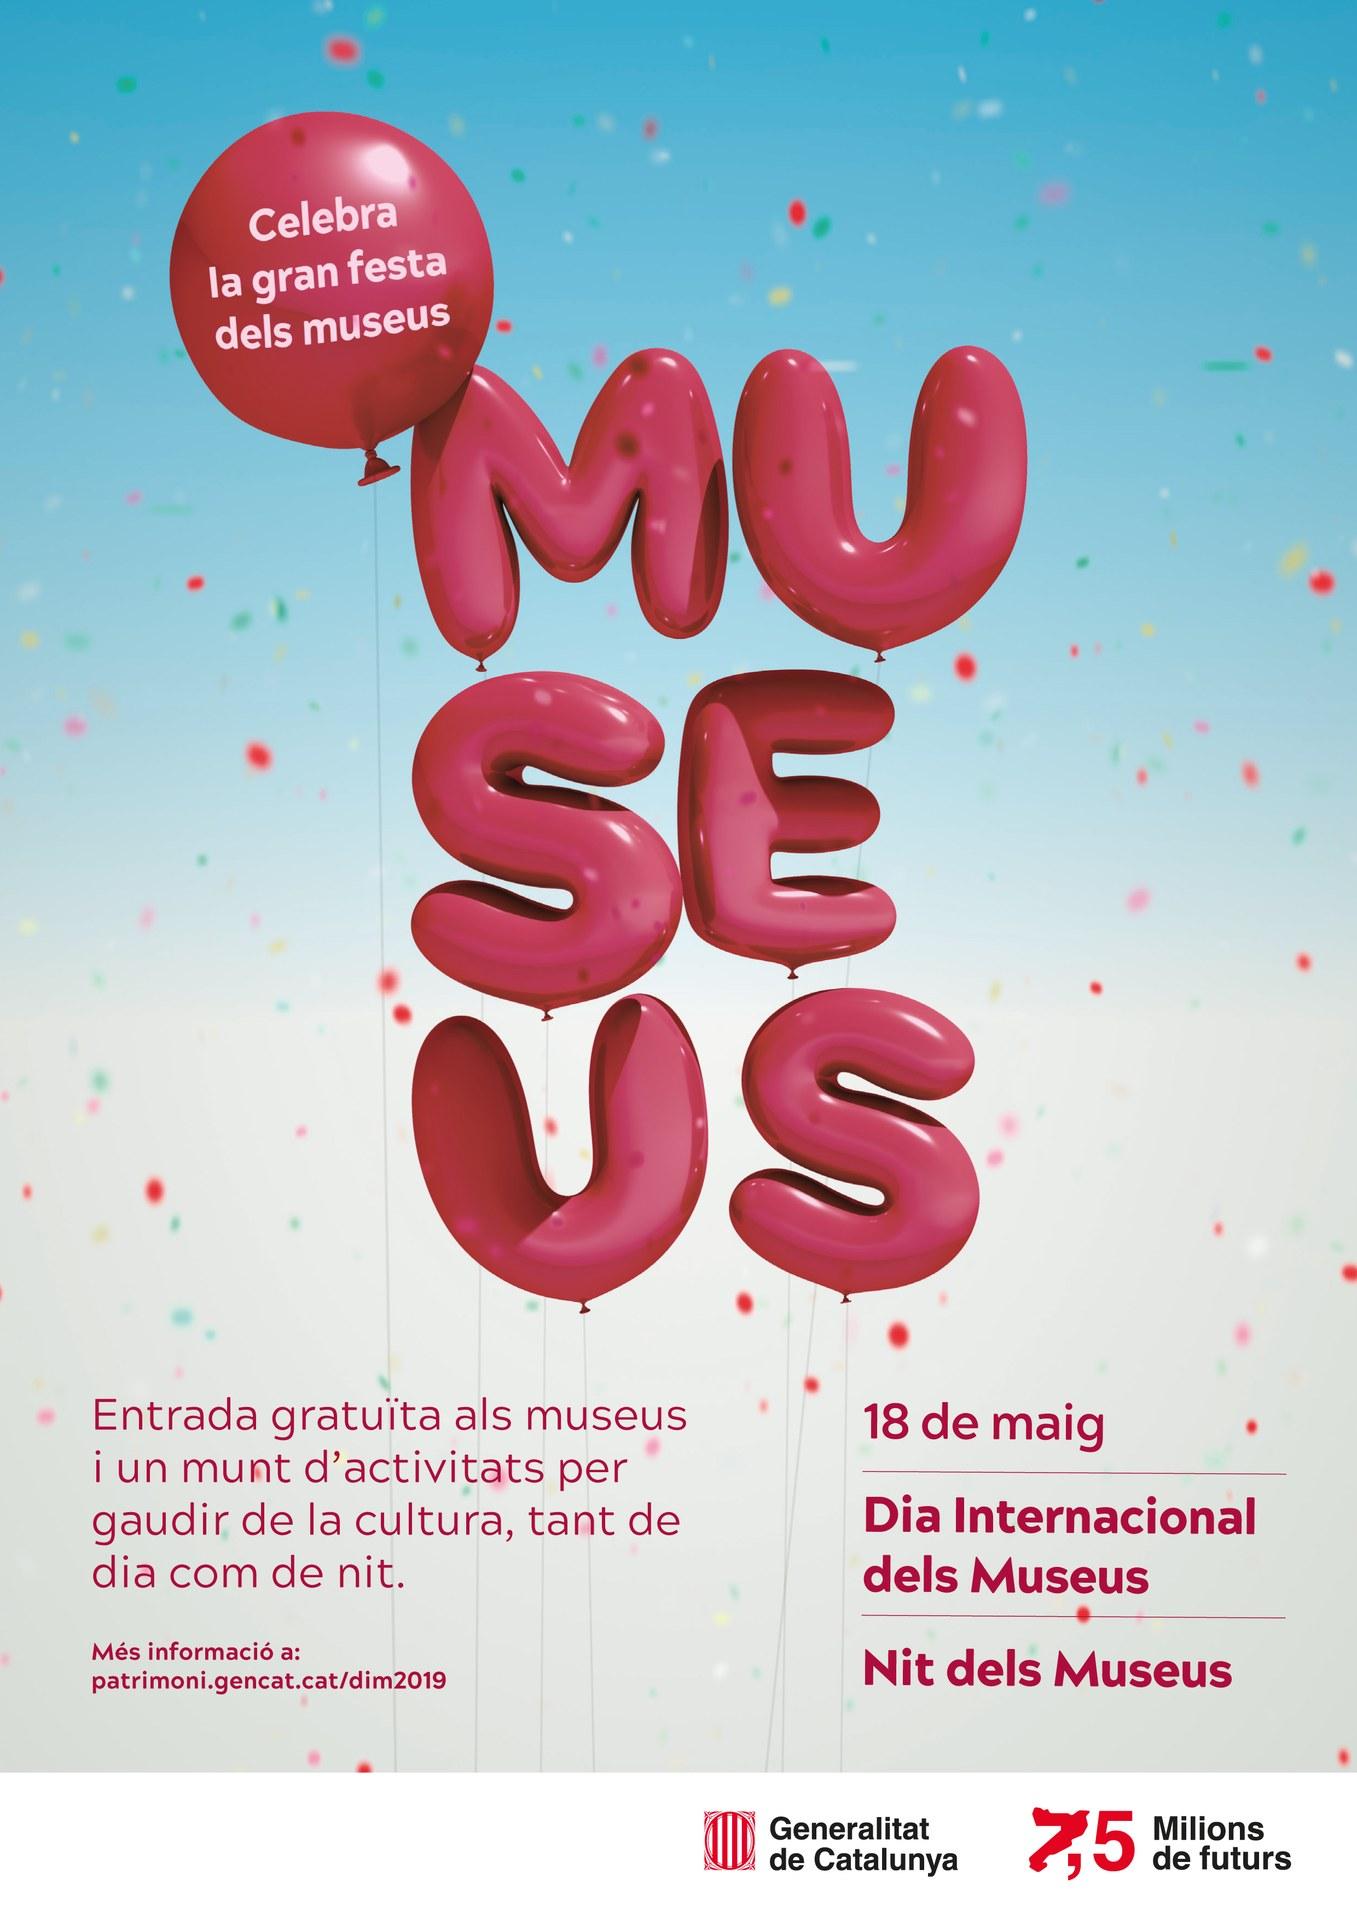 El Dia Internacional dels Museus aplega tot un cap de setmana d'activitat